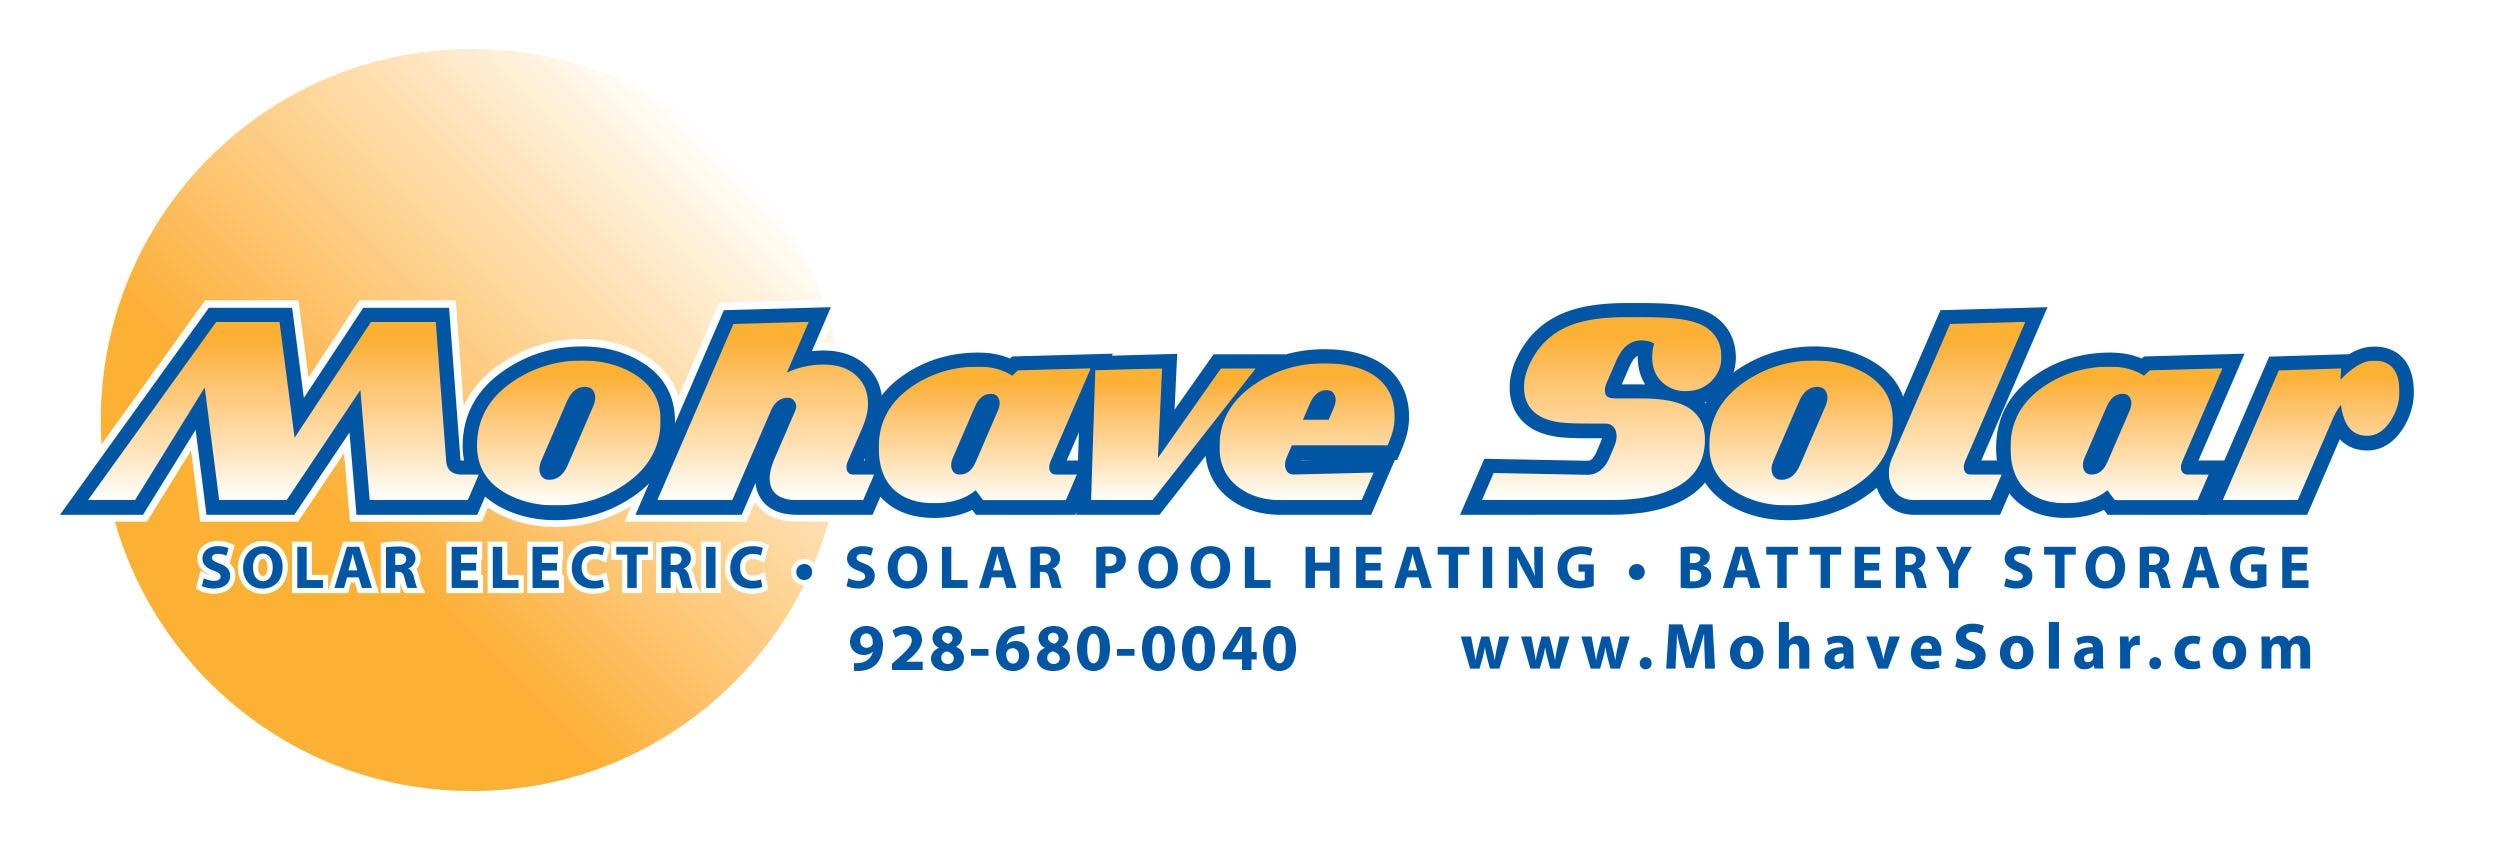 Vivint solar reviews california - Mohave Solar